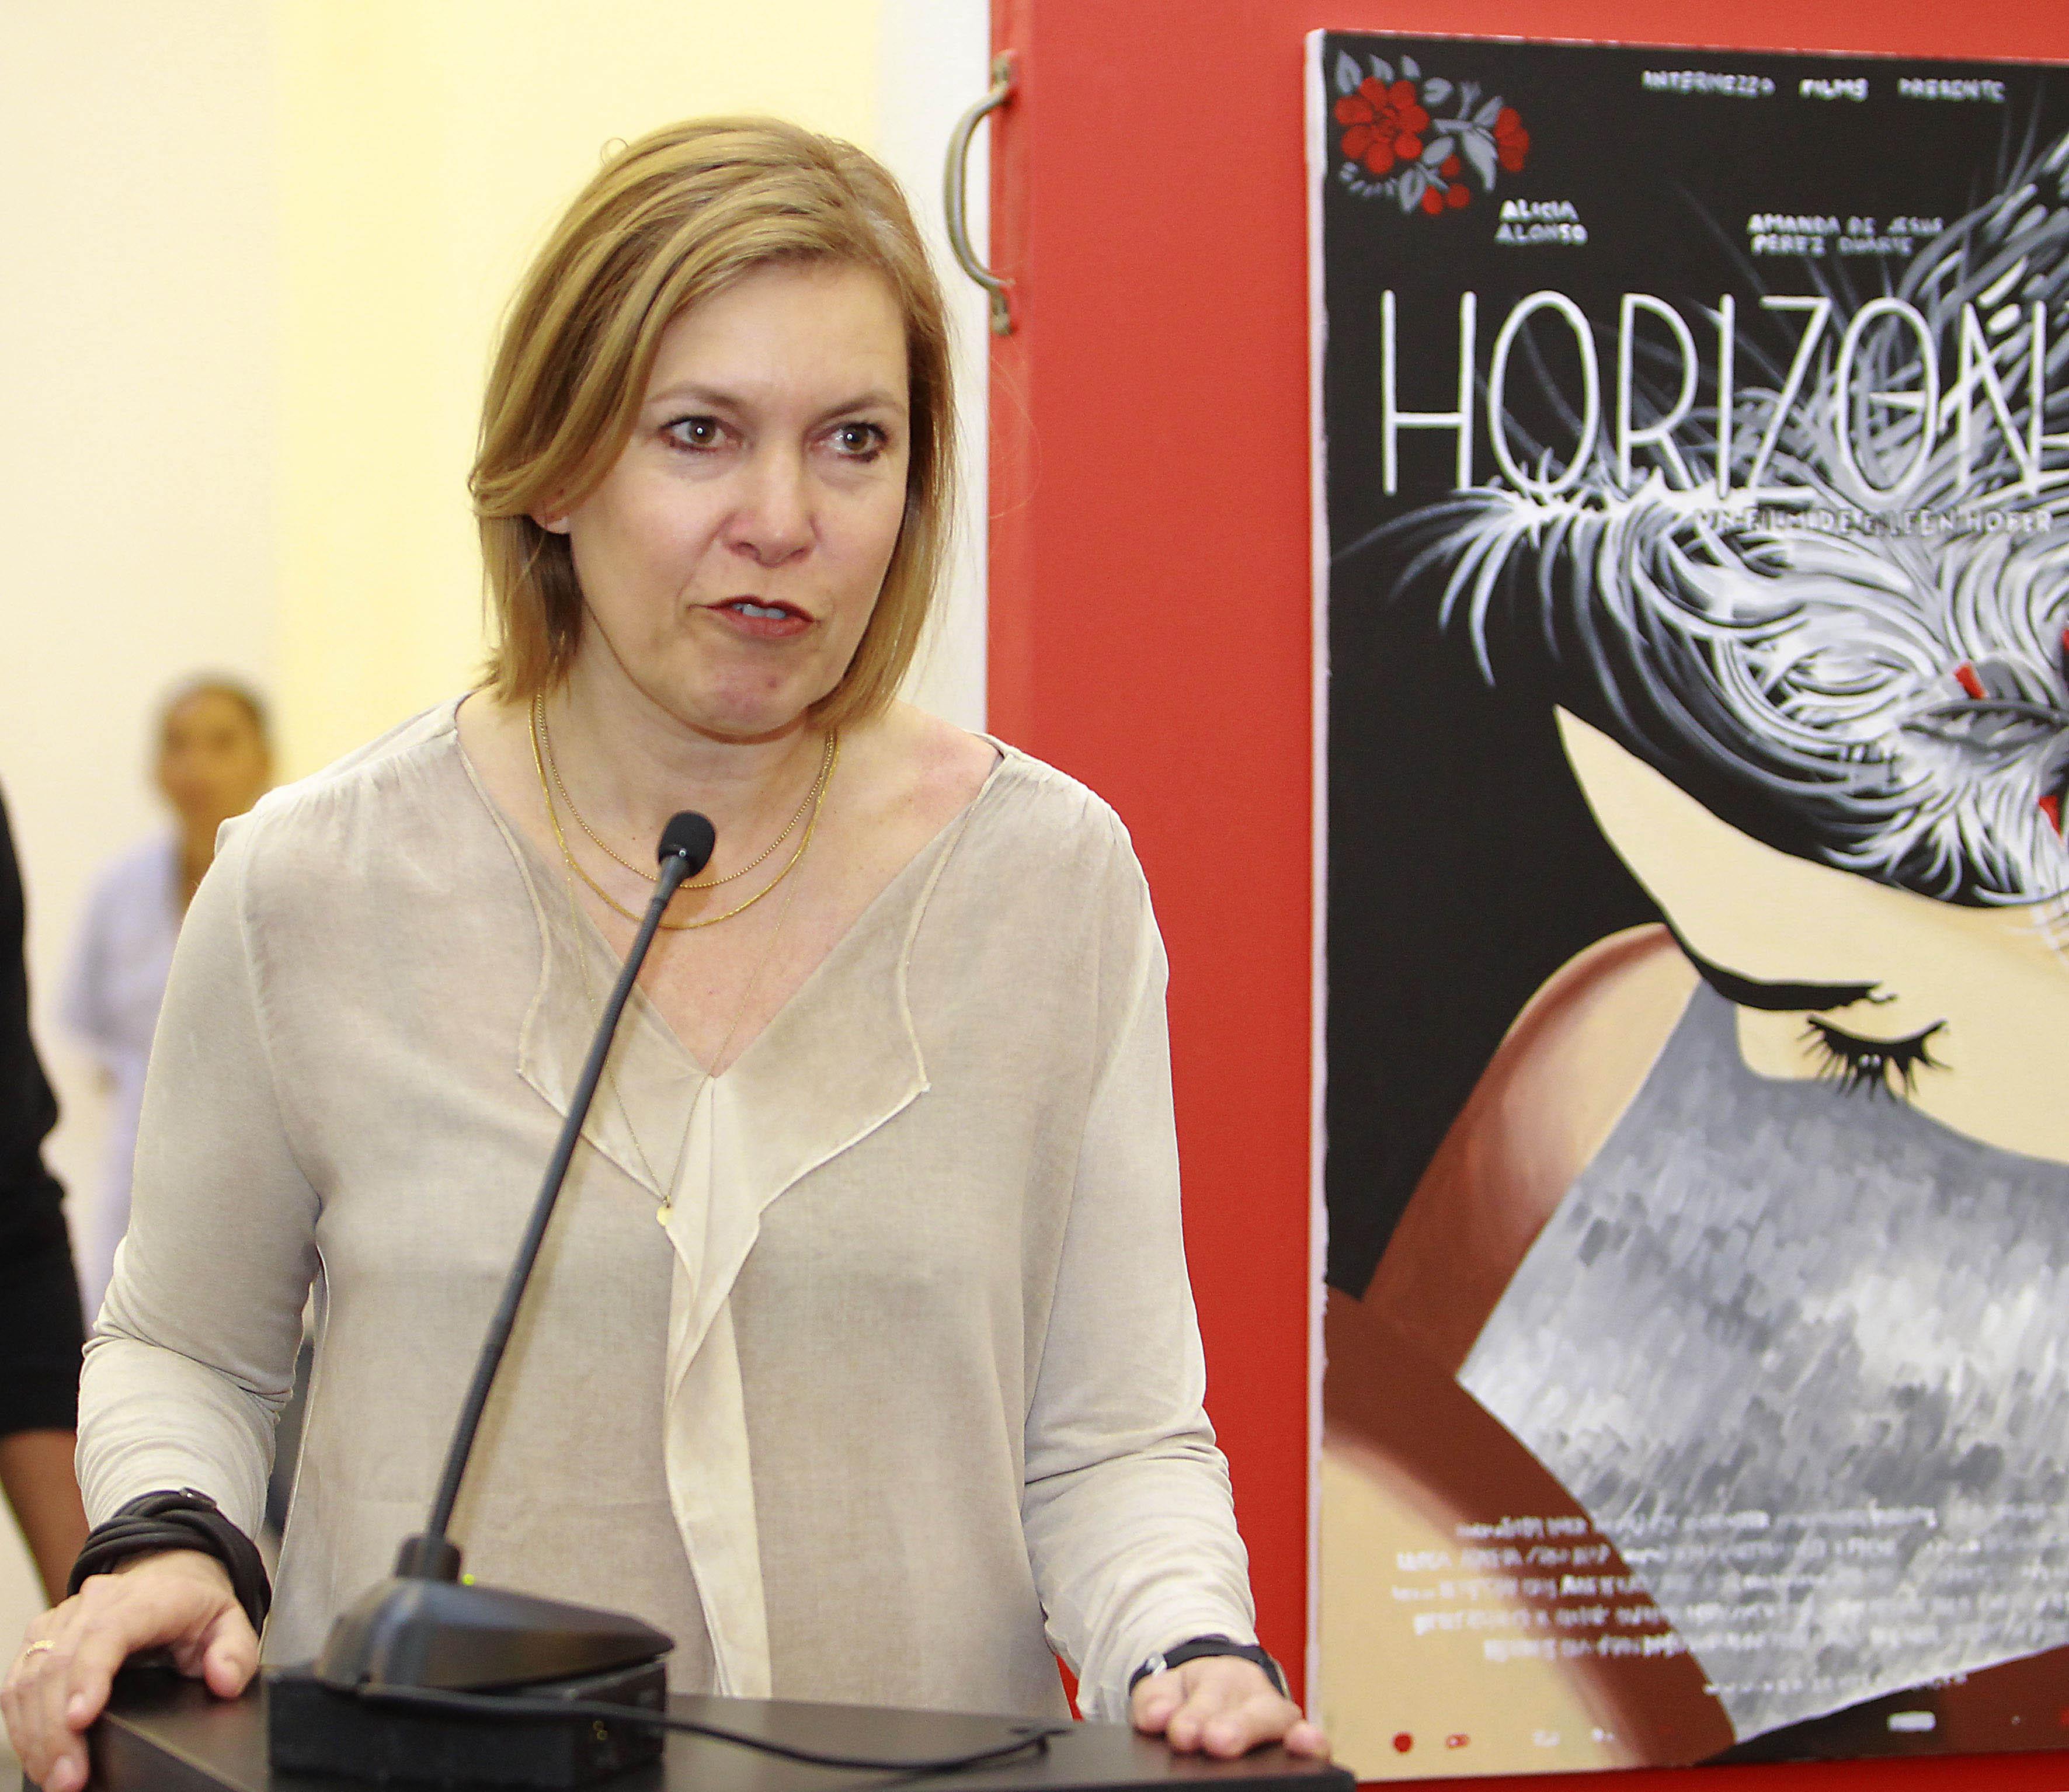 La managing director de Swiss Films, Catherine Ann Berger participando en la inauguración del Mercado de Cine del Festival Internacional de Cine en Guadalajara (FICG)